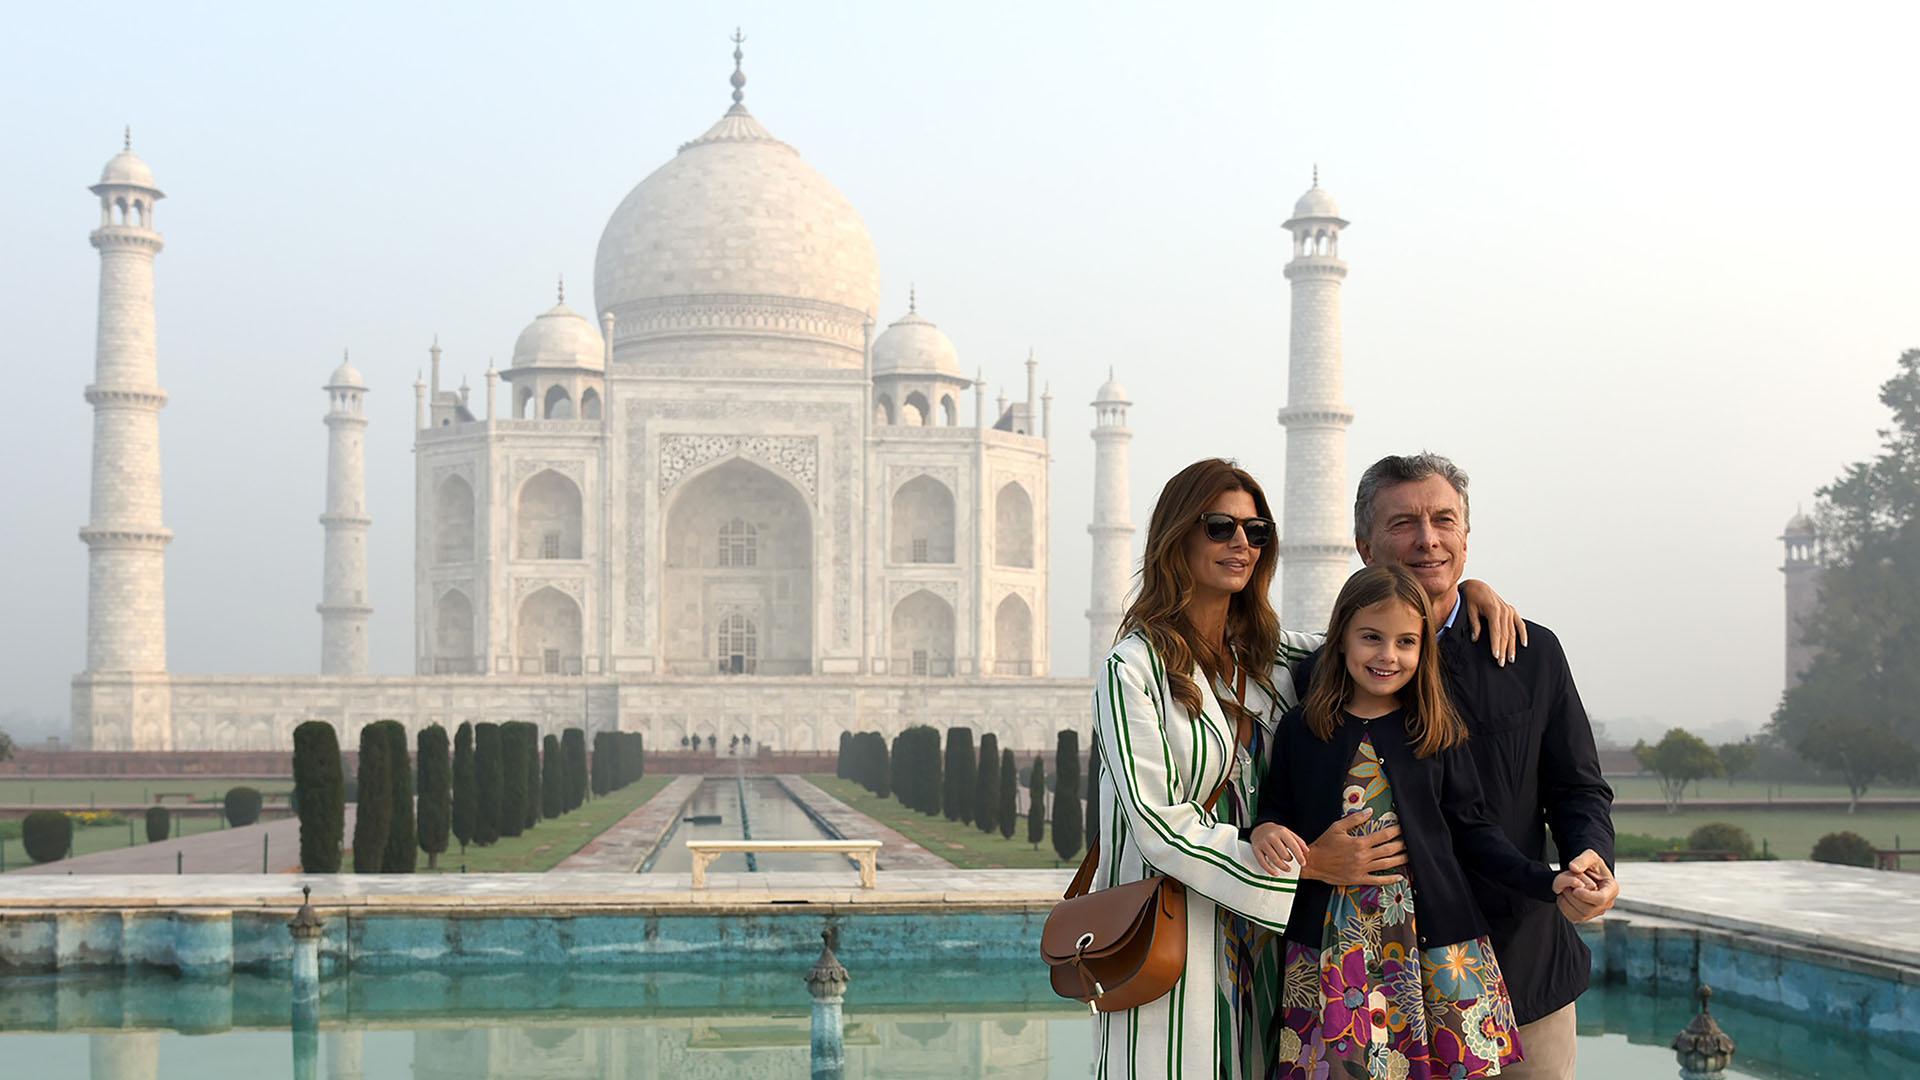 Mientras a los jubilados del menor haber les quita la posibilidad  de recuperar $ 300 del IVA, él y su amante se pasean por el Palacio Taj Mahal de la India.